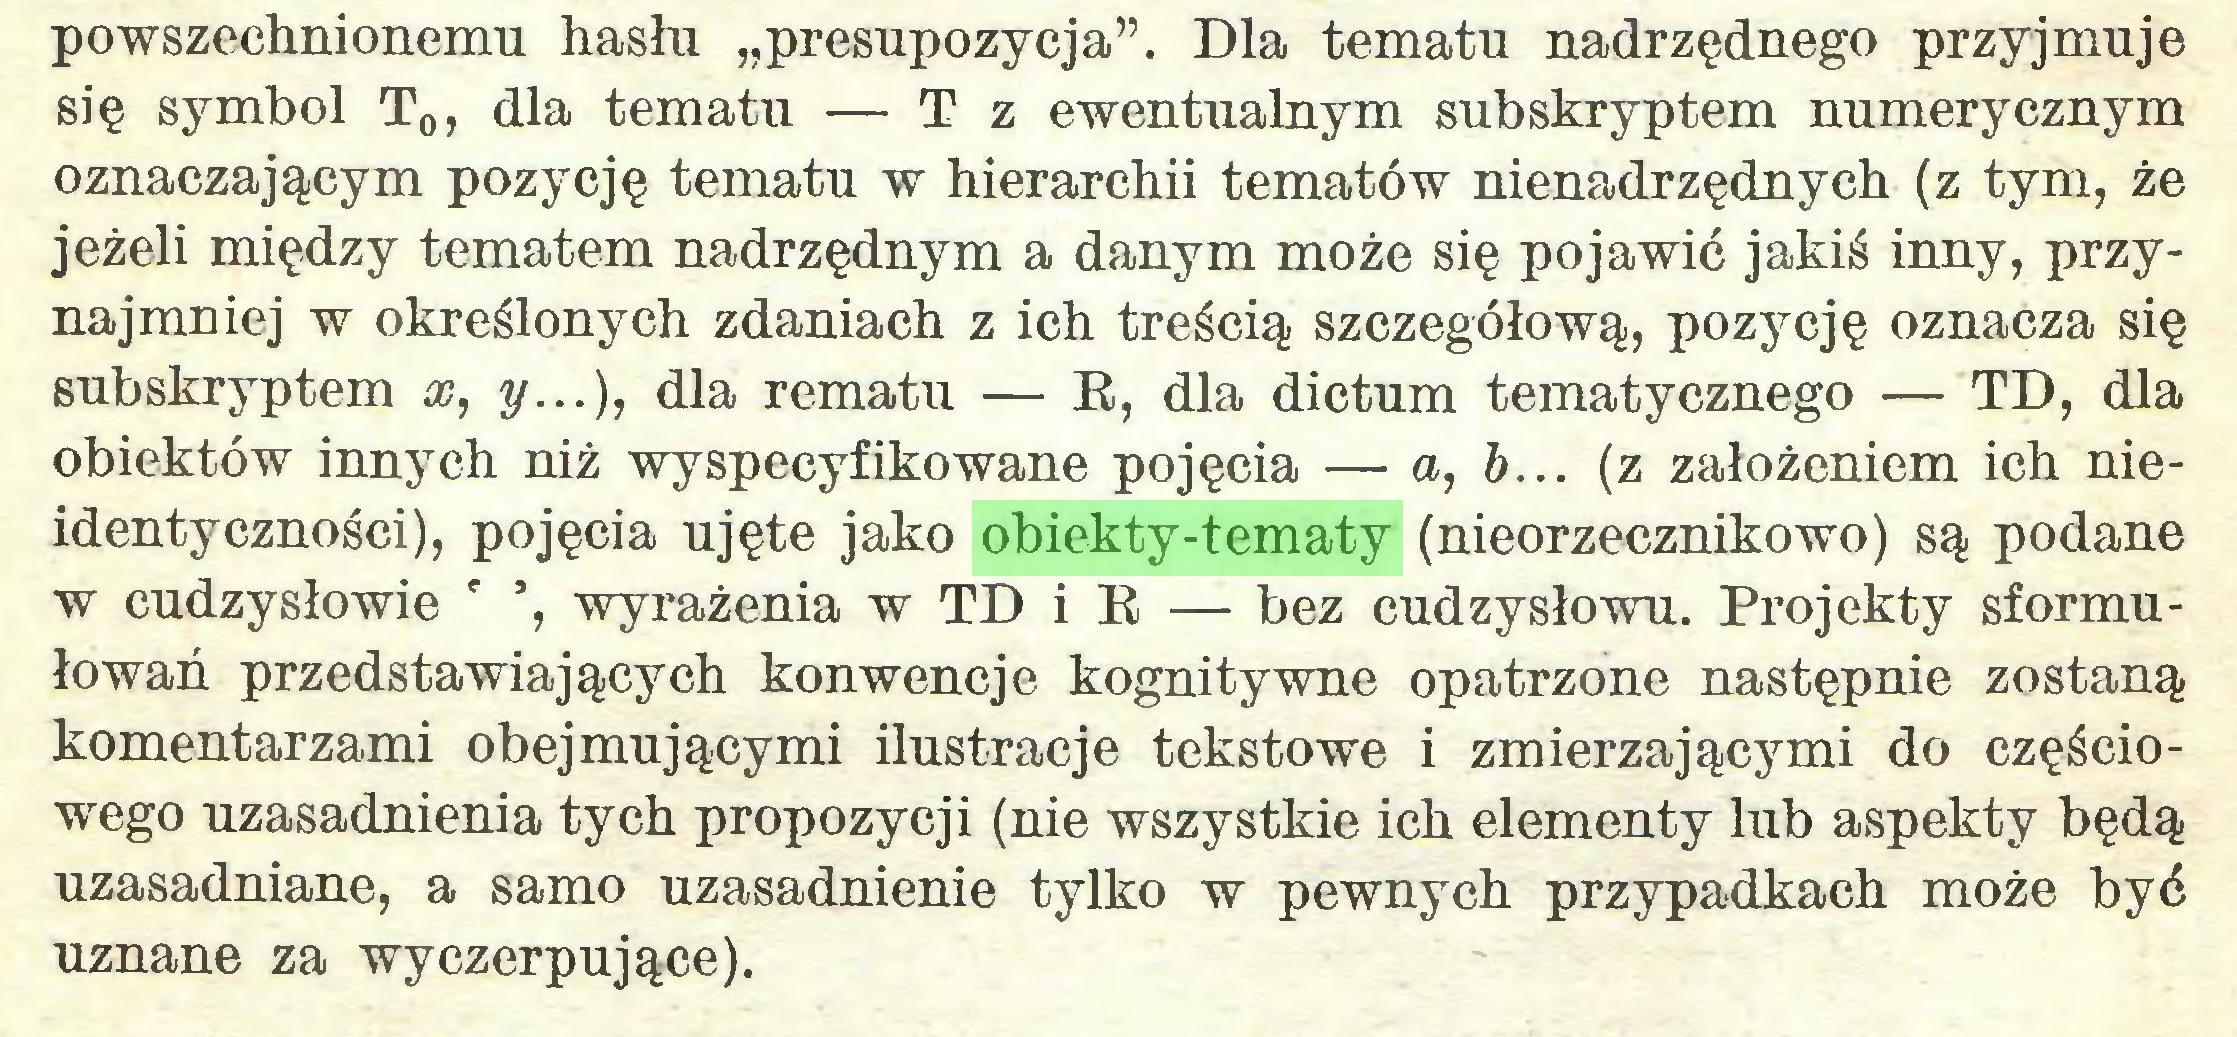 """(...) powszechnionemu hasłu """"presupozycja"""". Dla tematu nadrzędnego przyjmuje się symbol T0, dla tematu — T z ewentualnym subskryptem numerycznym oznaczającym pozycję tematu w hierarchii tematów nienadrzędnych (z tym, że jeżeli między tematem nadrzędnym a danym może się pojawić jakiś inny, przynajmniej w określonych zdaniach z ich treścią szczegółową, pozycję oznacza się subskryptem x, y...), dla rematu — R, dla dictum tematycznego — TD, dla obiektów innych niż wyspecyfikowane pojęcia — a, b... (z założeniem ich nieidentyczności), pojęcia ujęte jako obiekty-tematy (nieorzecznikowo) są podane w cudzysłowie r ', wyrażenia w TD i R — bez cudzysłowu. Projekty sformułowań przedstawiających konwencje kognitywne opatrzone następnie zostaną komentarzami obejmującymi ilustracje tekstowe i zmierzającymi do częściowego uzasadnienia tych propozycji (nie wszystkie ich elementy lub aspekty będą uzasadniane, a samo uzasadnienie tylko w pewnych przypadkach może być uznane za wyczerpujące)..."""